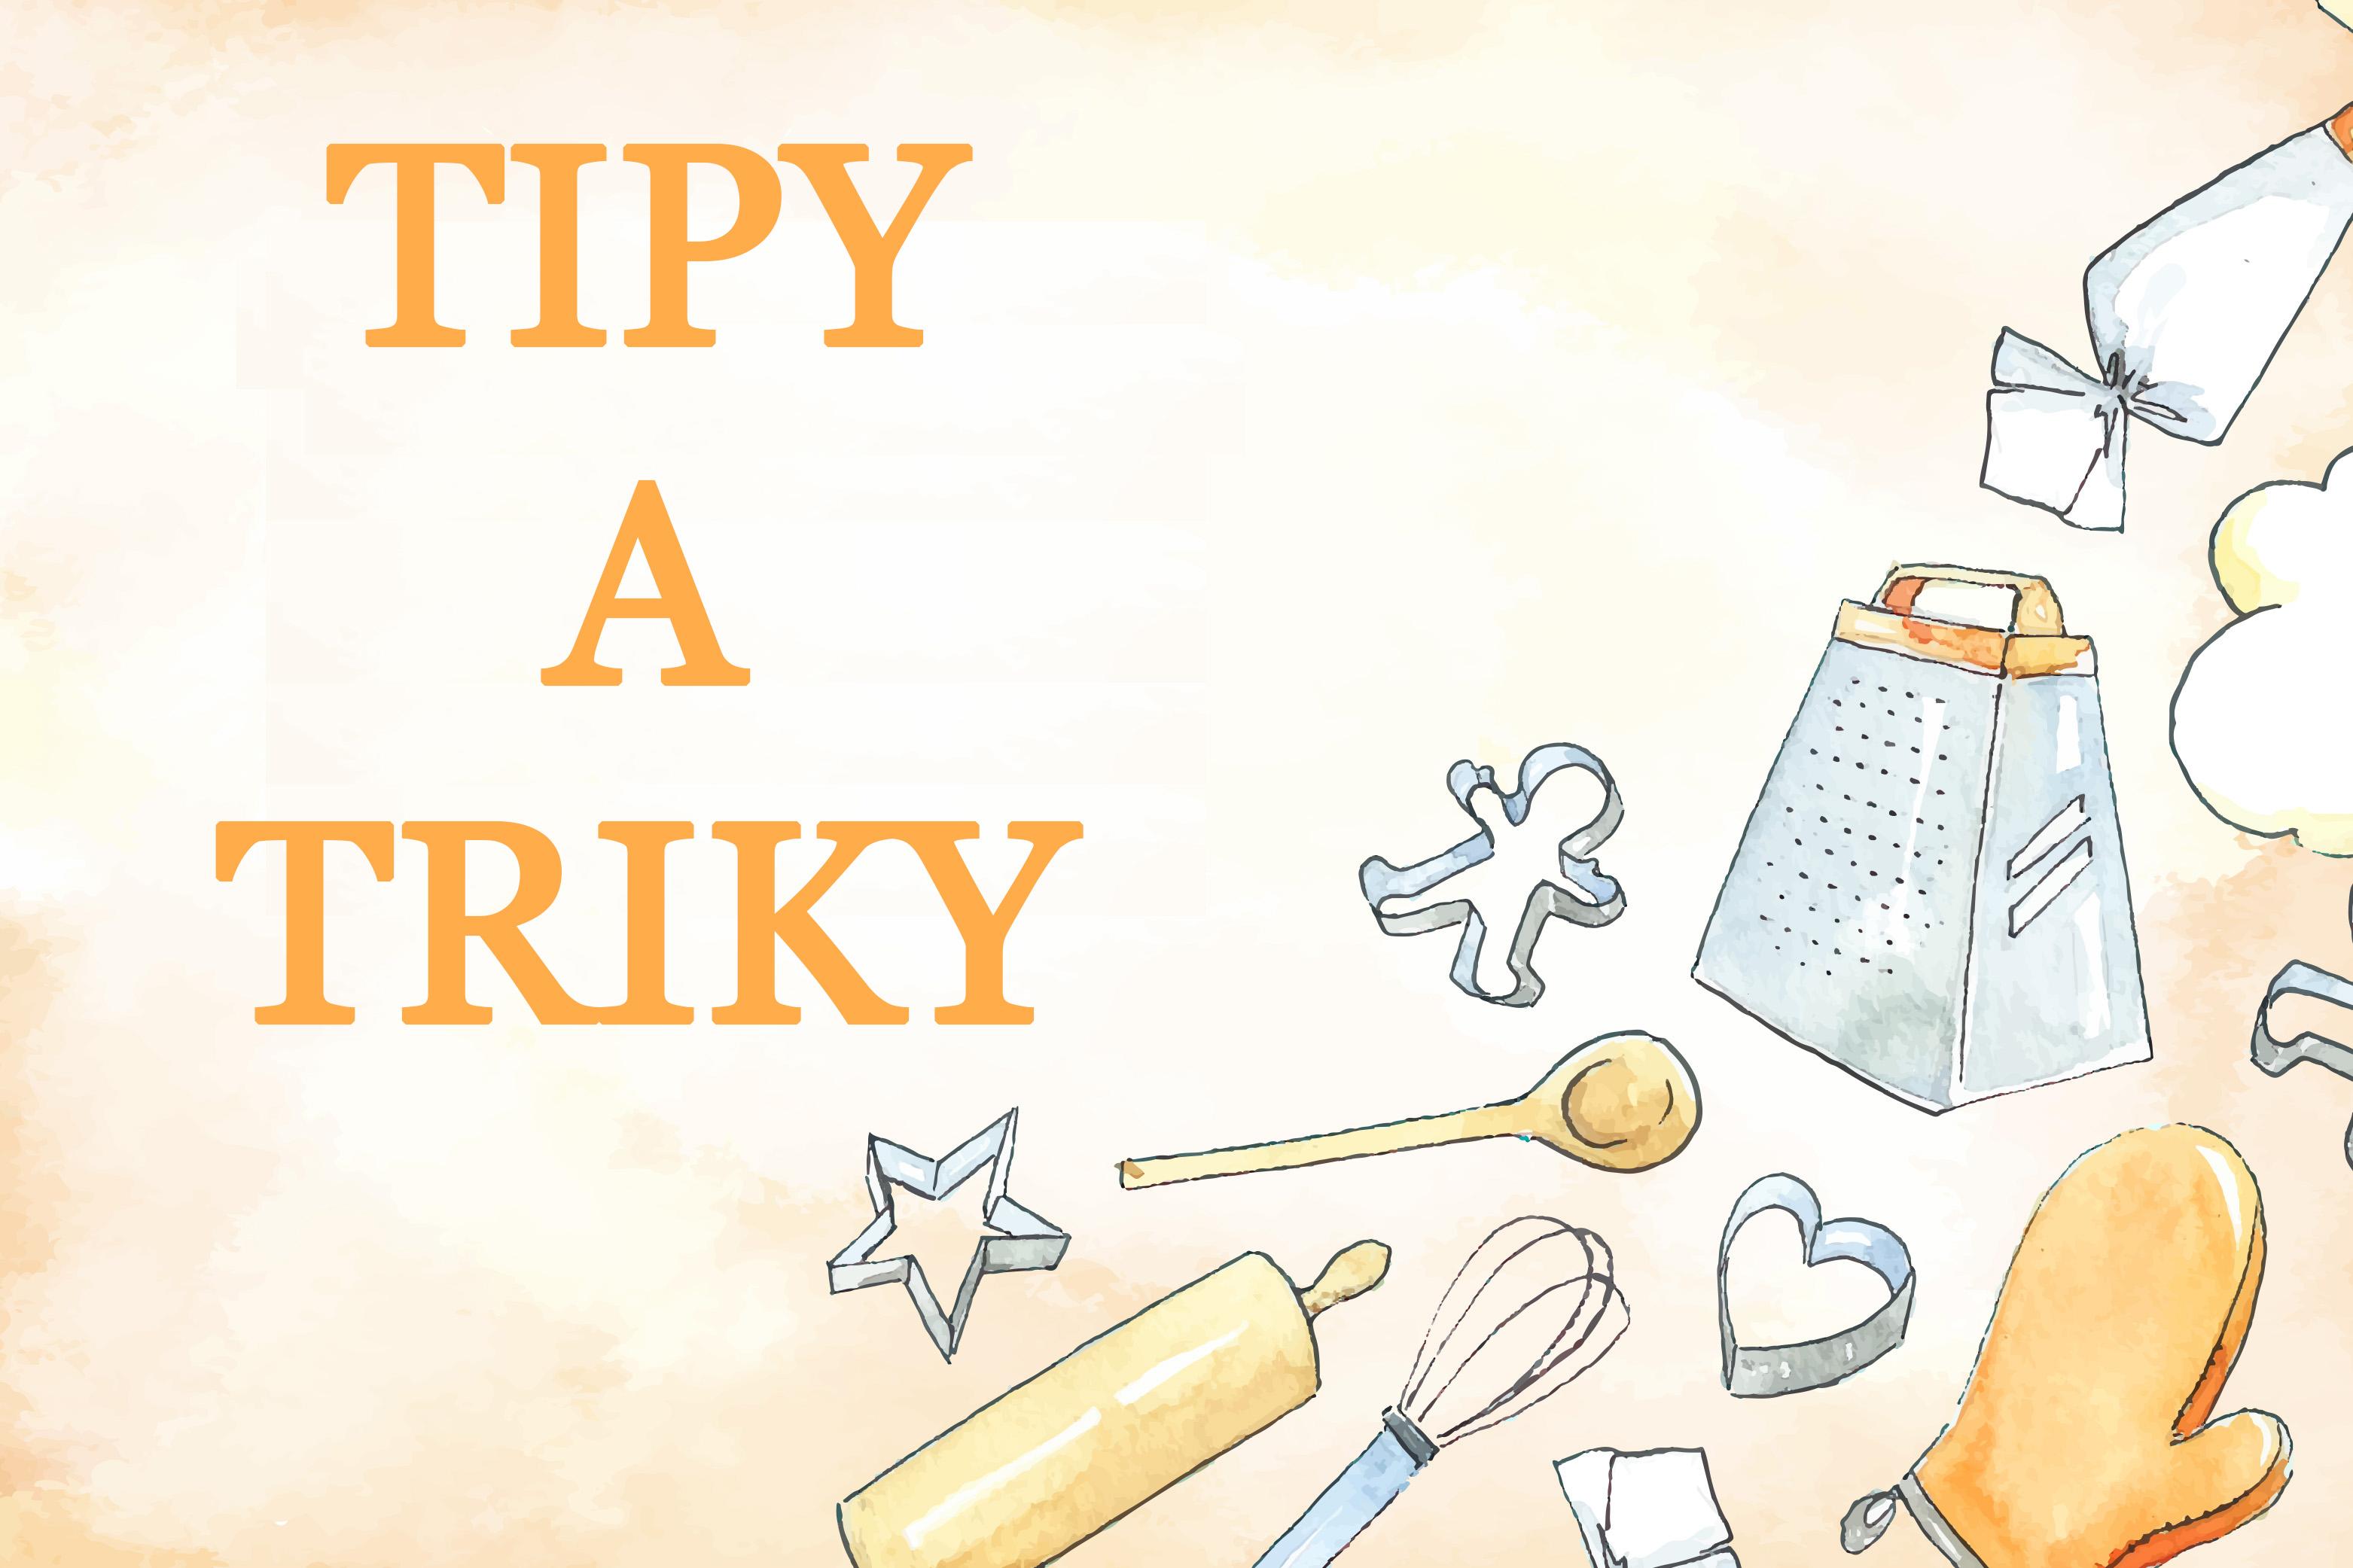 Tipy a triky